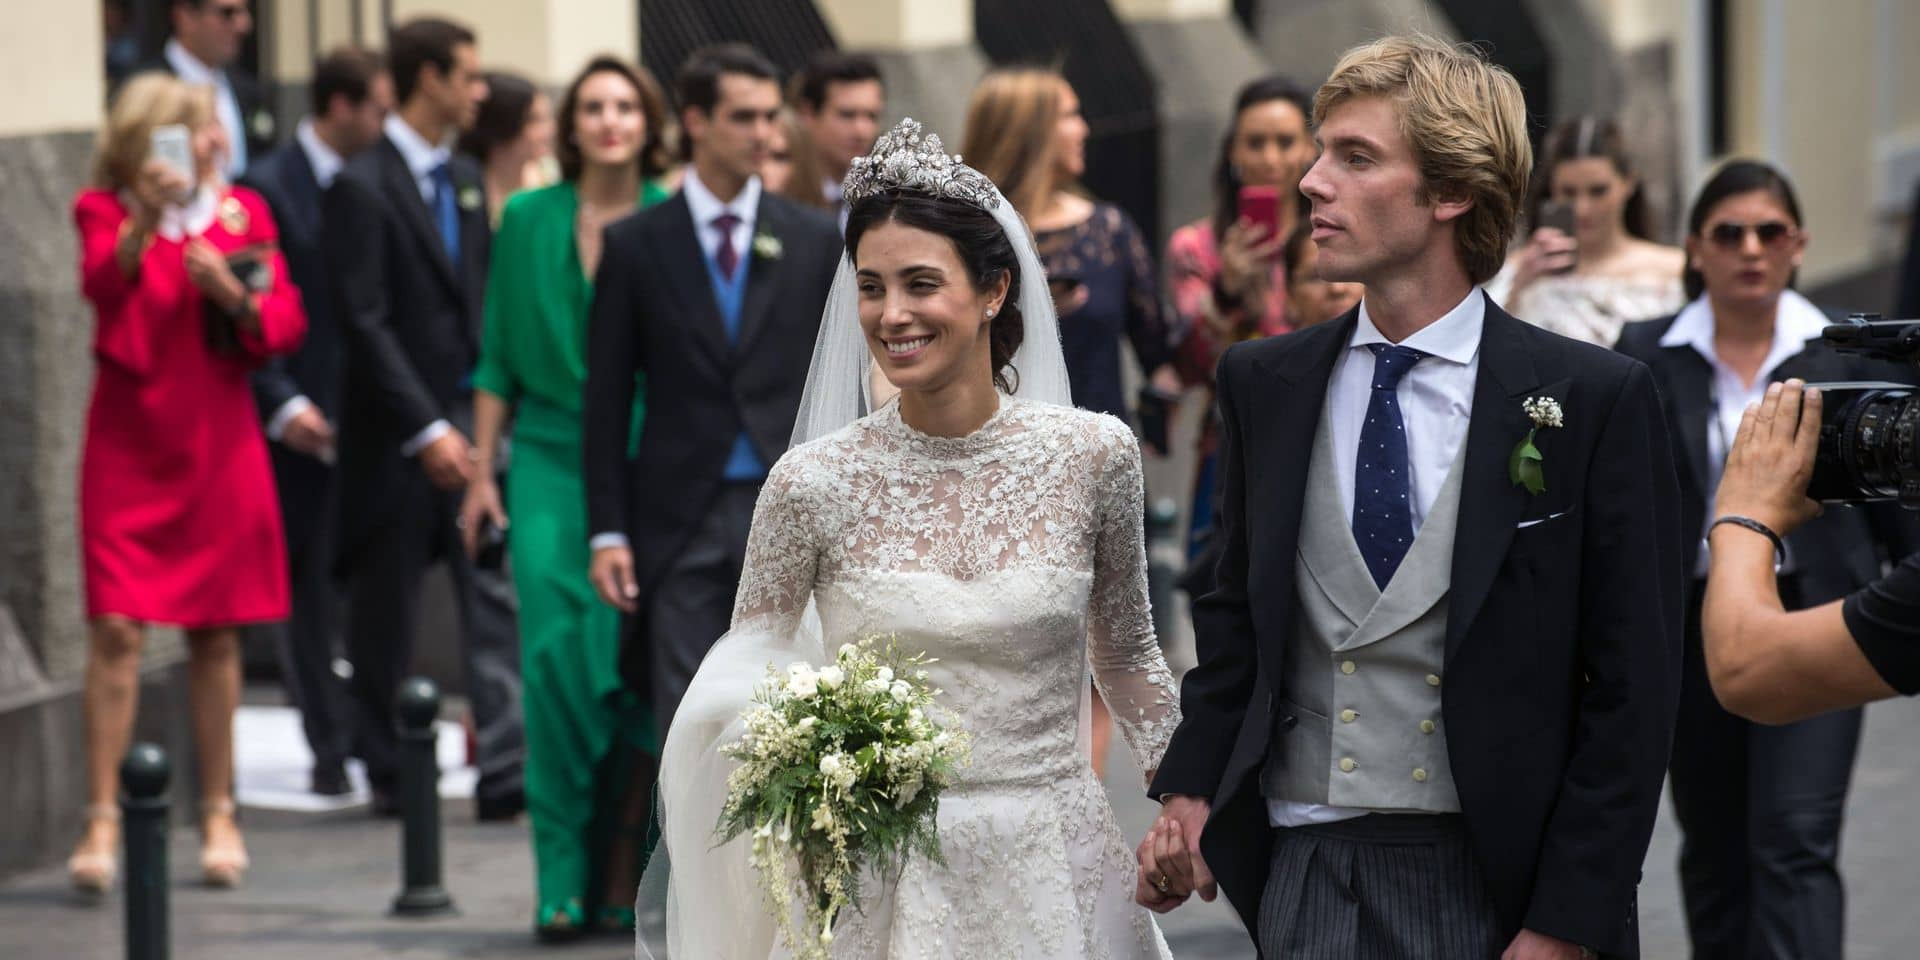 Le prince Christian de Hanovre et son épouse ont accueilli des jumeaux